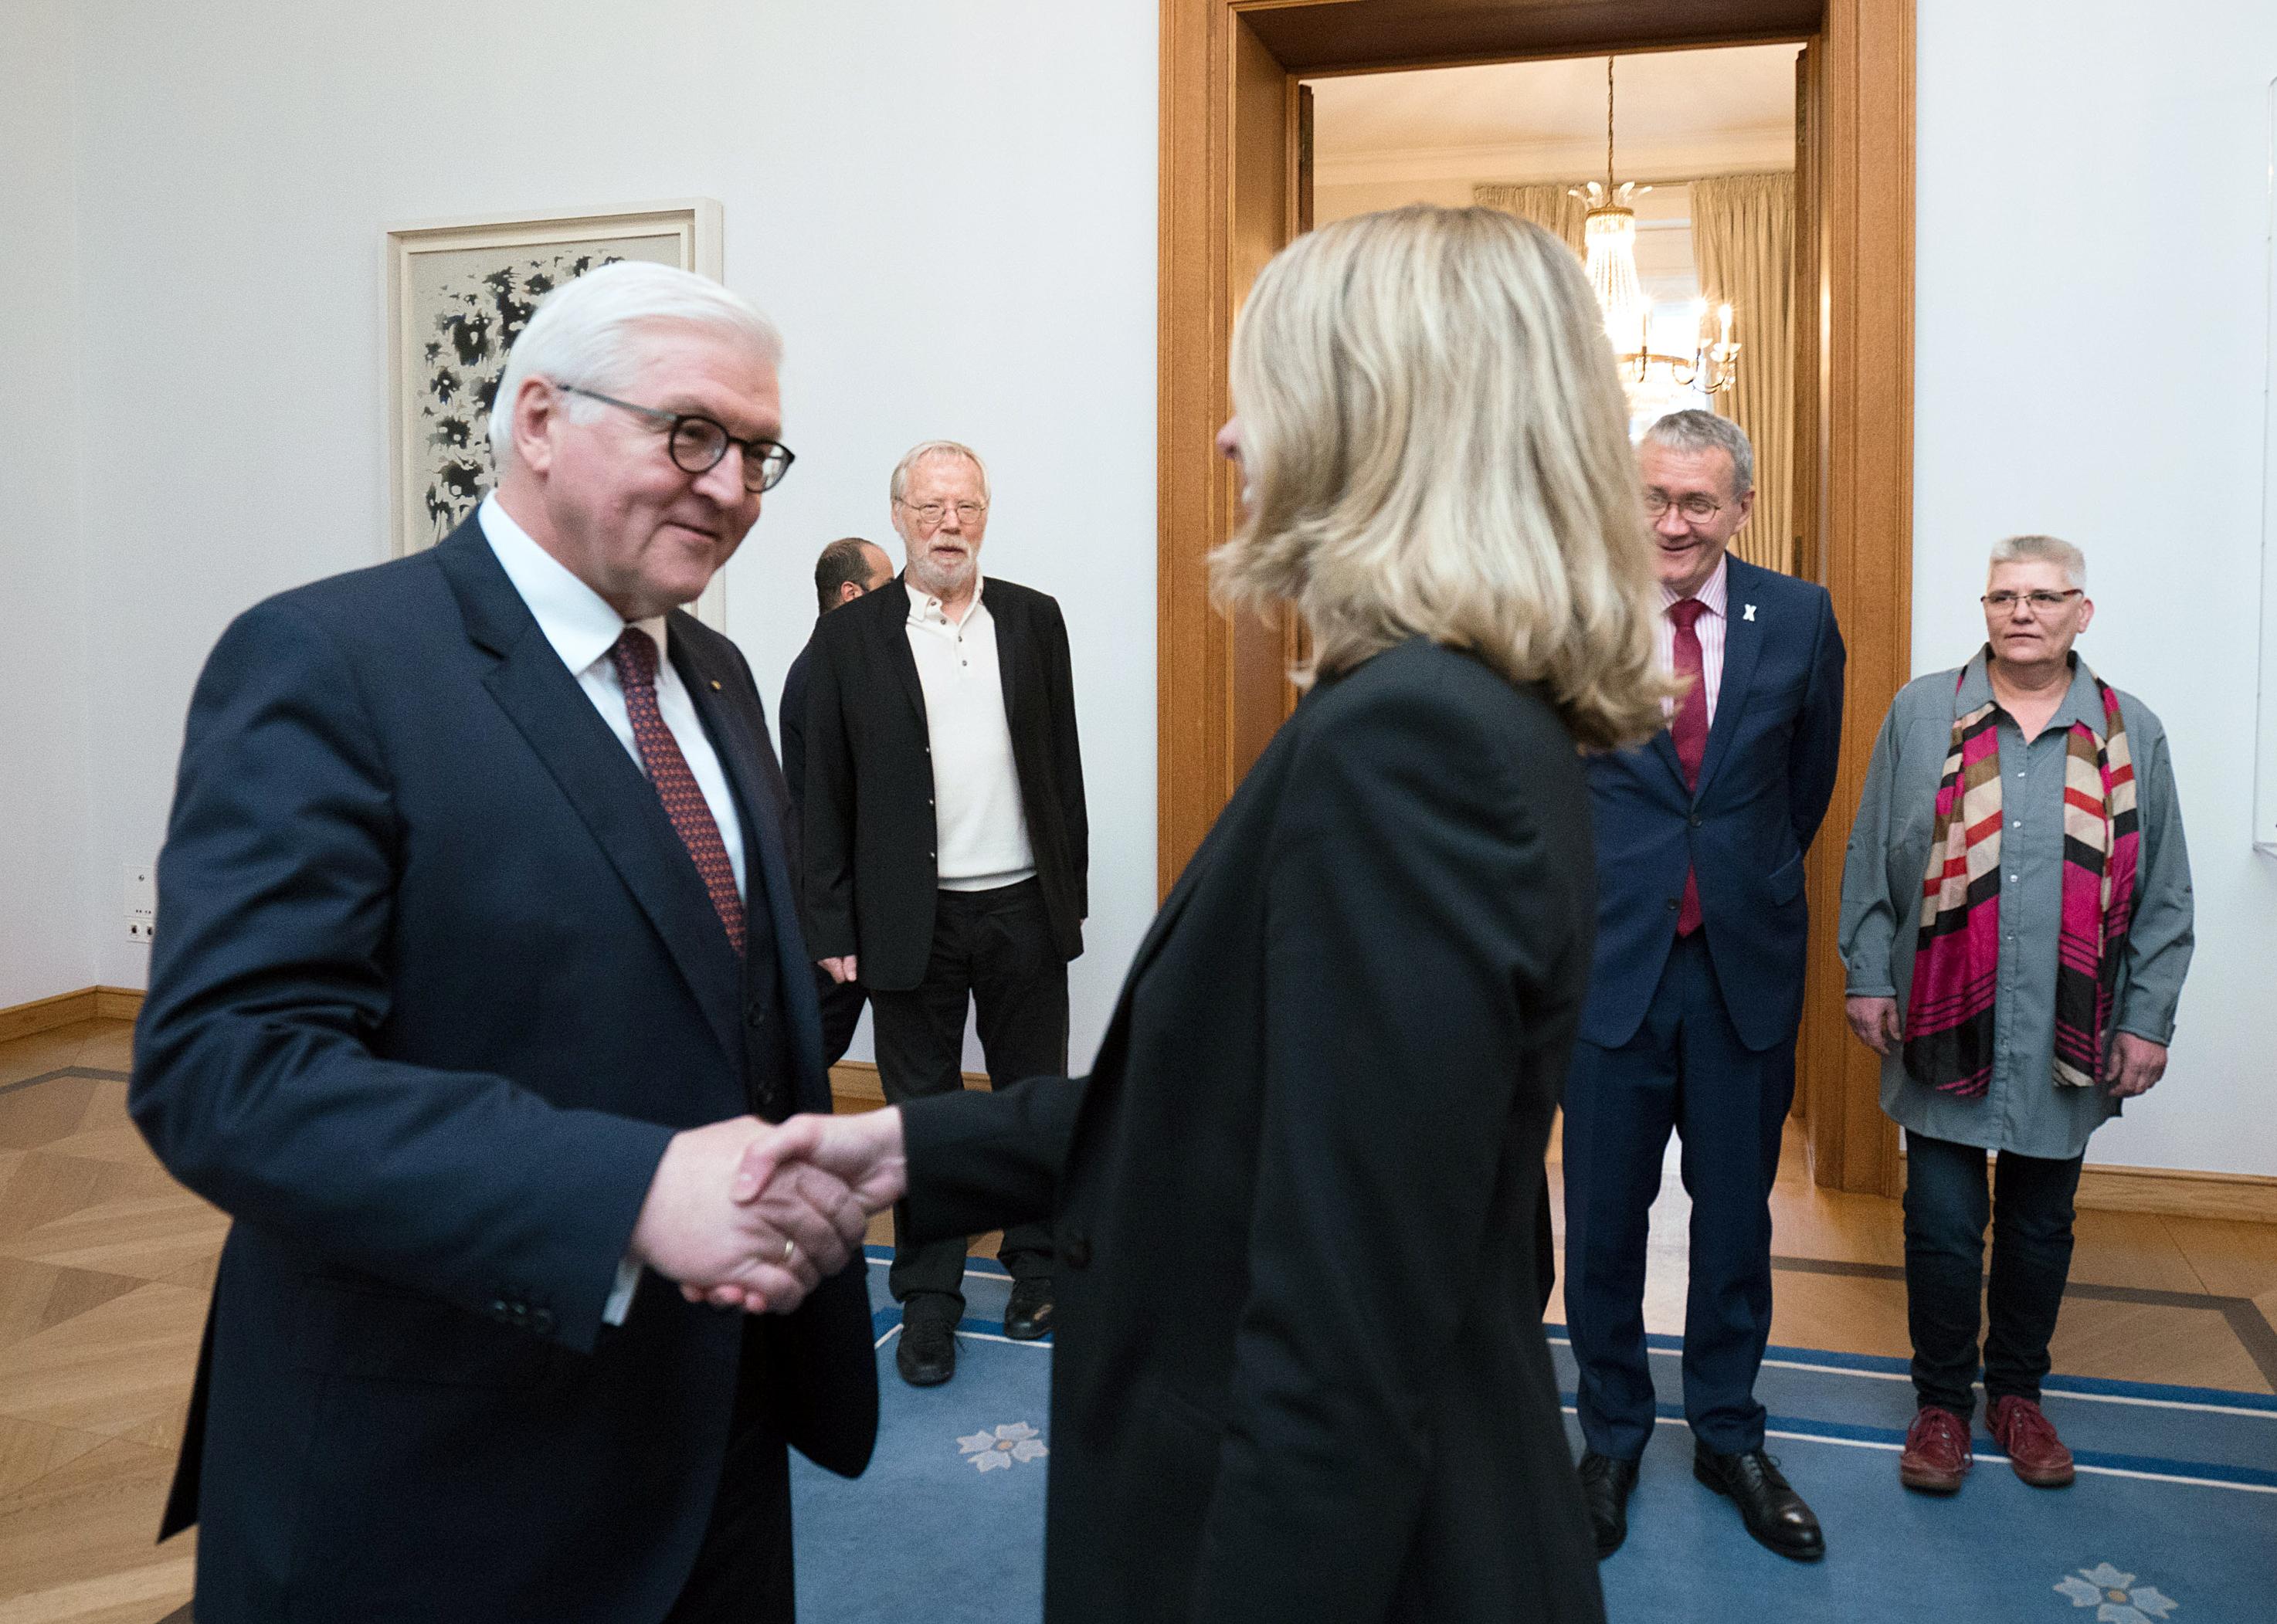 Bundespräsident Frank-Walter Steinmeier und Prof. Sabine Andresen beim Handshake